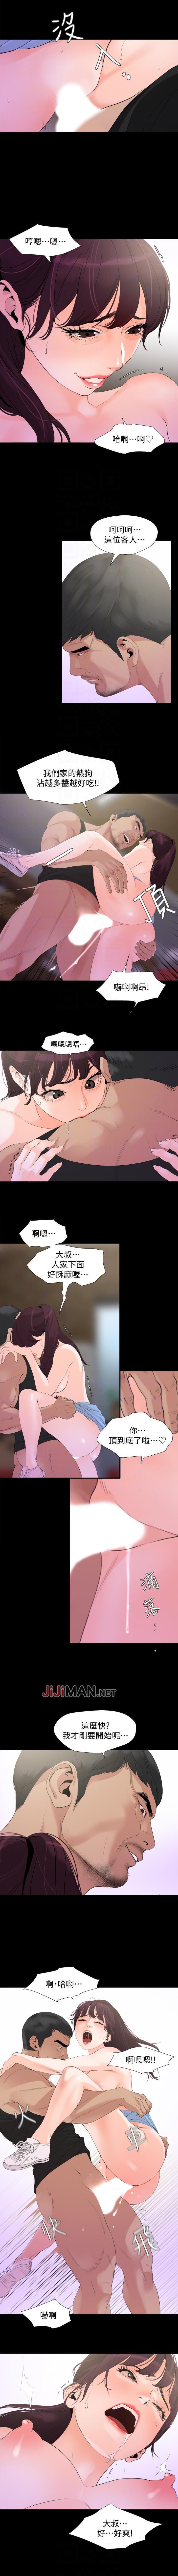 【周一连载】与岳母同屋(作者: 橘皮&黑嘿嘿) 第1~13话 19